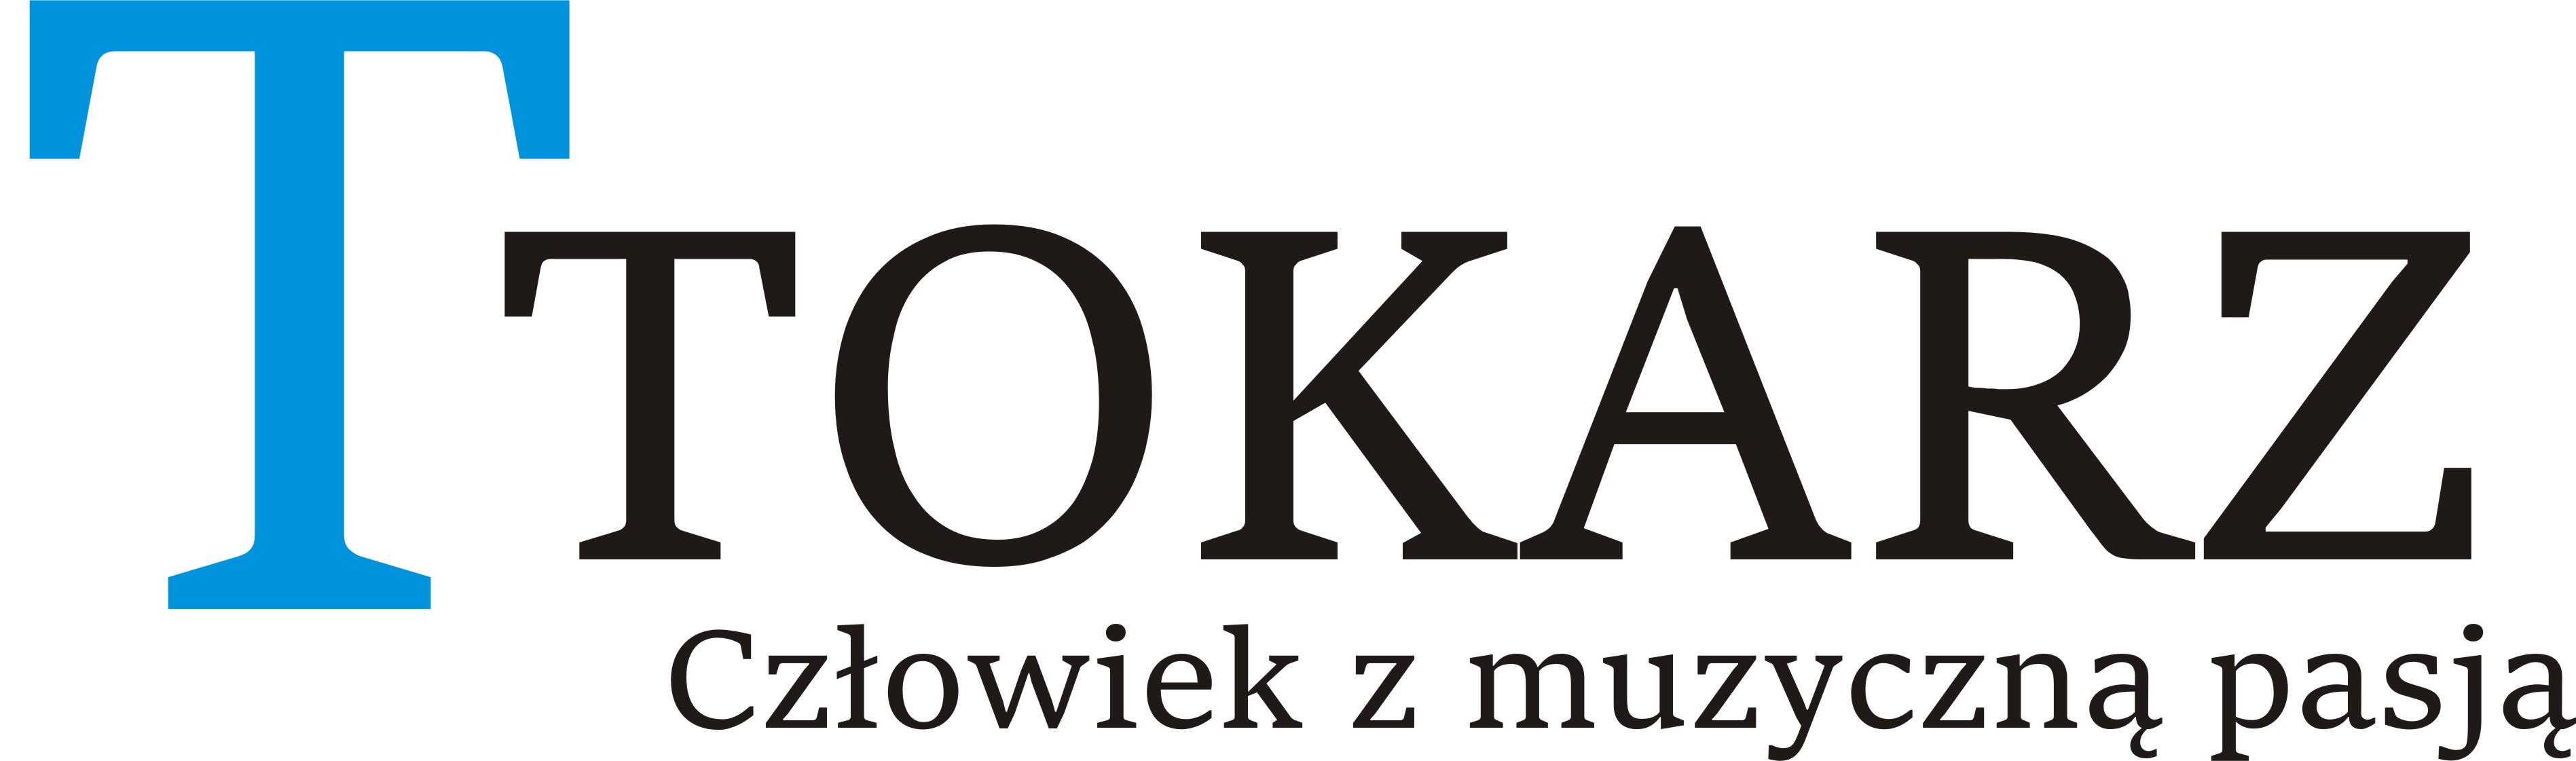 Tomasz Tokarz | Człowiek z muzyczną pasją